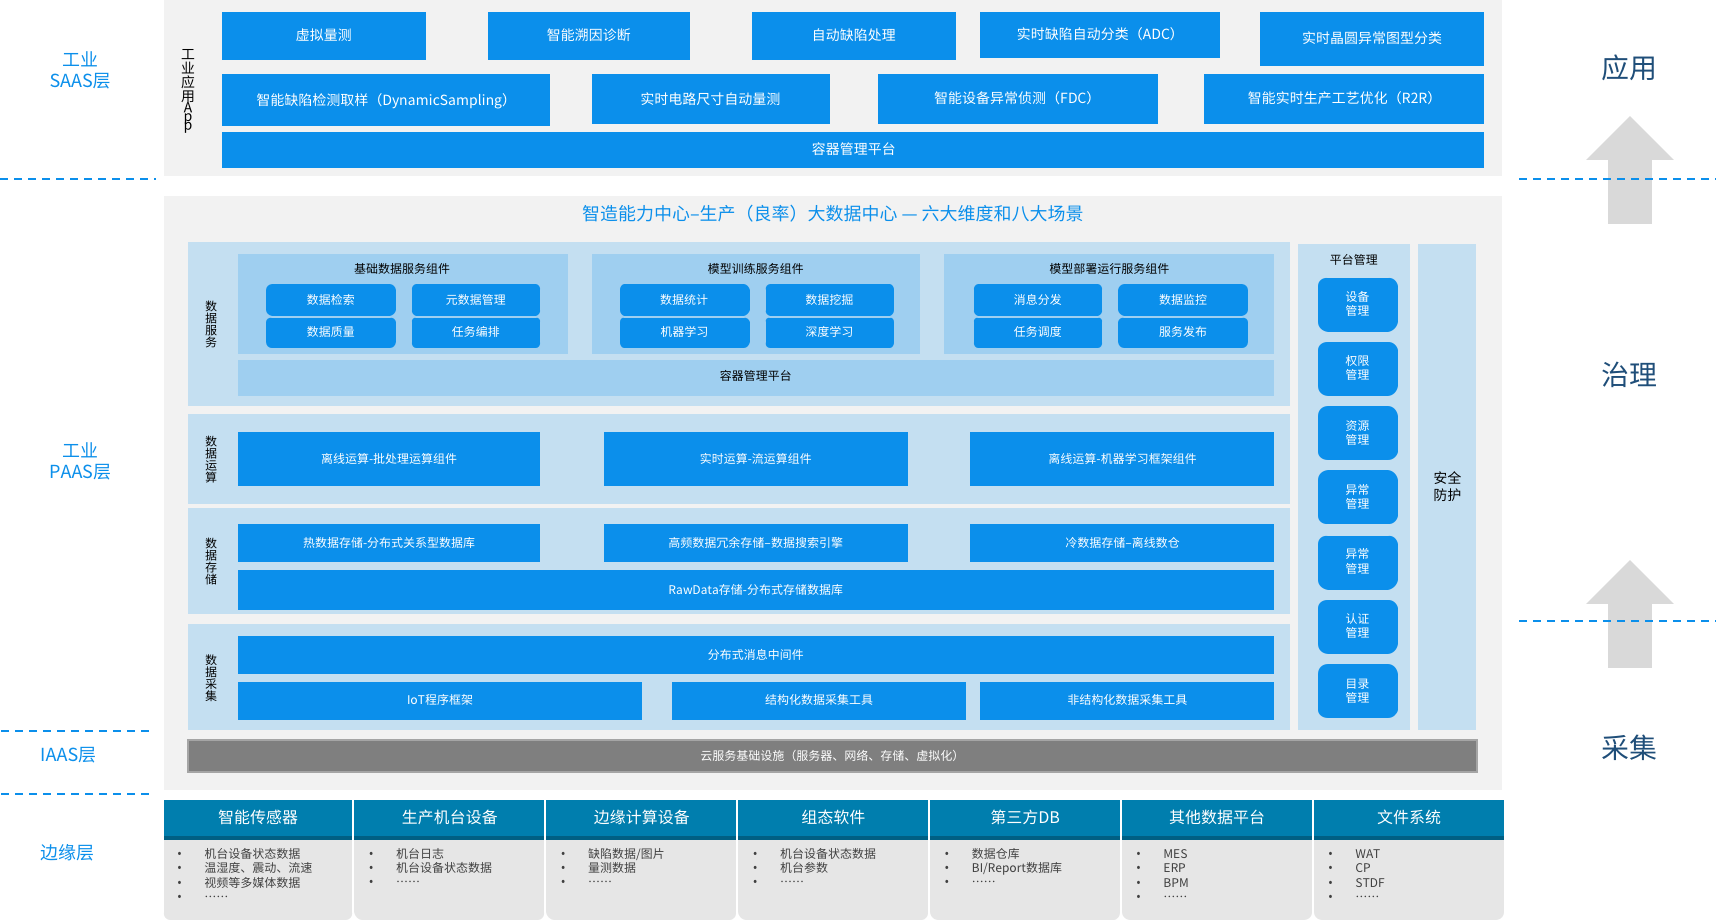 众壹云良率分析大数据平台BDYAP-促进晶圆制造行业高效快速发展